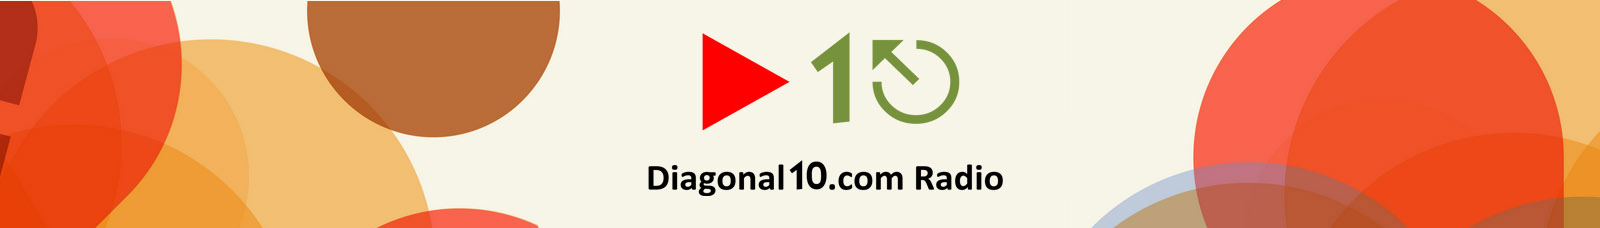 Diagonal10.com Radio